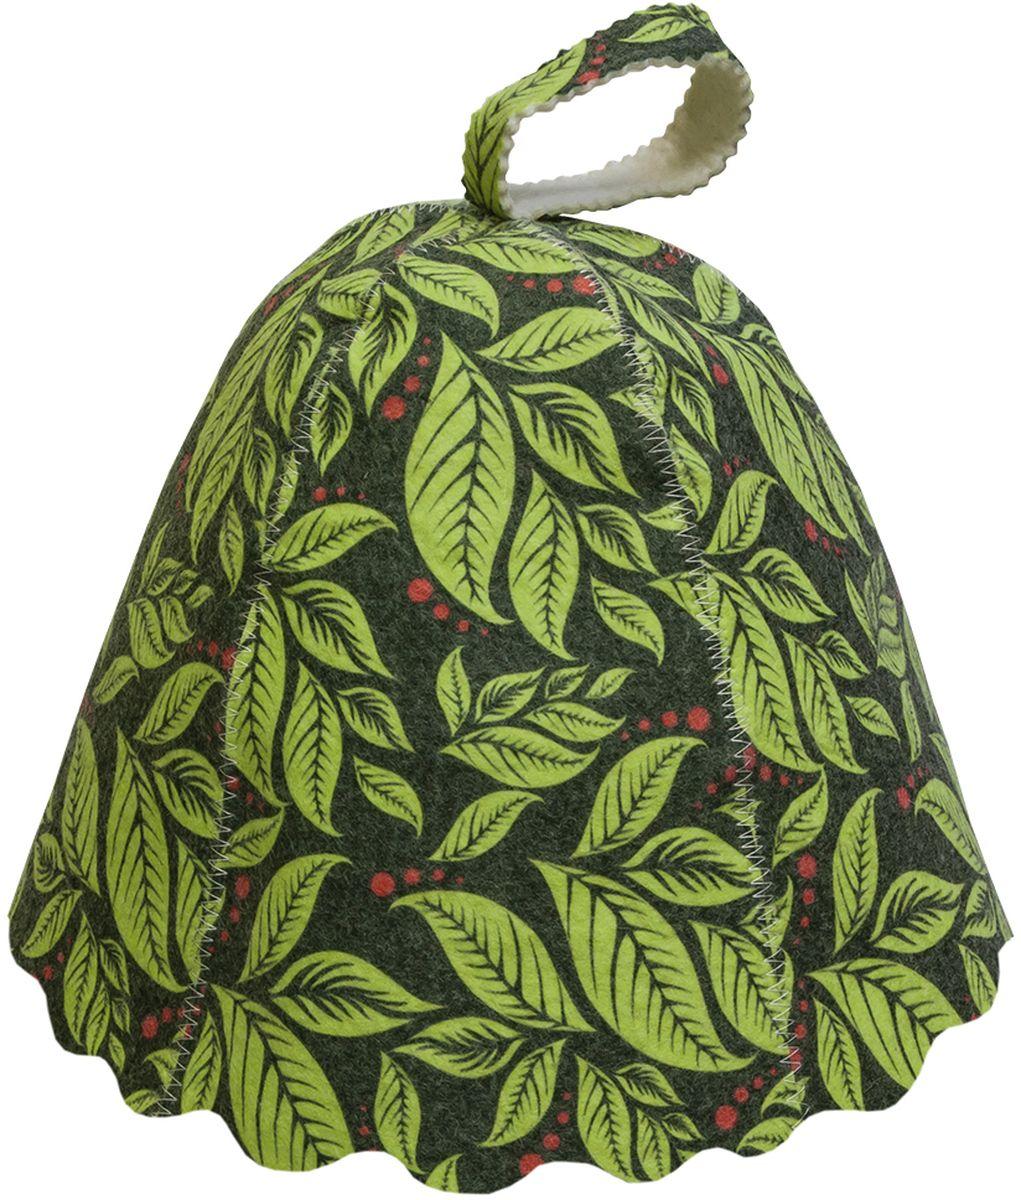 Шапка для бани и сауны Банные штучки Листья41139Банная шапка Банные штучки из войлока. Банная шапка - это незаменимый аксессуар для любителей попариться в русской бане и для тех, кто предпочитает сухой жар финской бани. Кроме того, шапка защитит волосы от сухости и ломкости, и предотвратит тепловой удар. На шапке имеется петелька, с помощью которой ее можно повесить на крючок в предбаннике. Такая шапка станет отличным подарком длялюбителей отдыха в бане или сауне.Размер: универсальный.